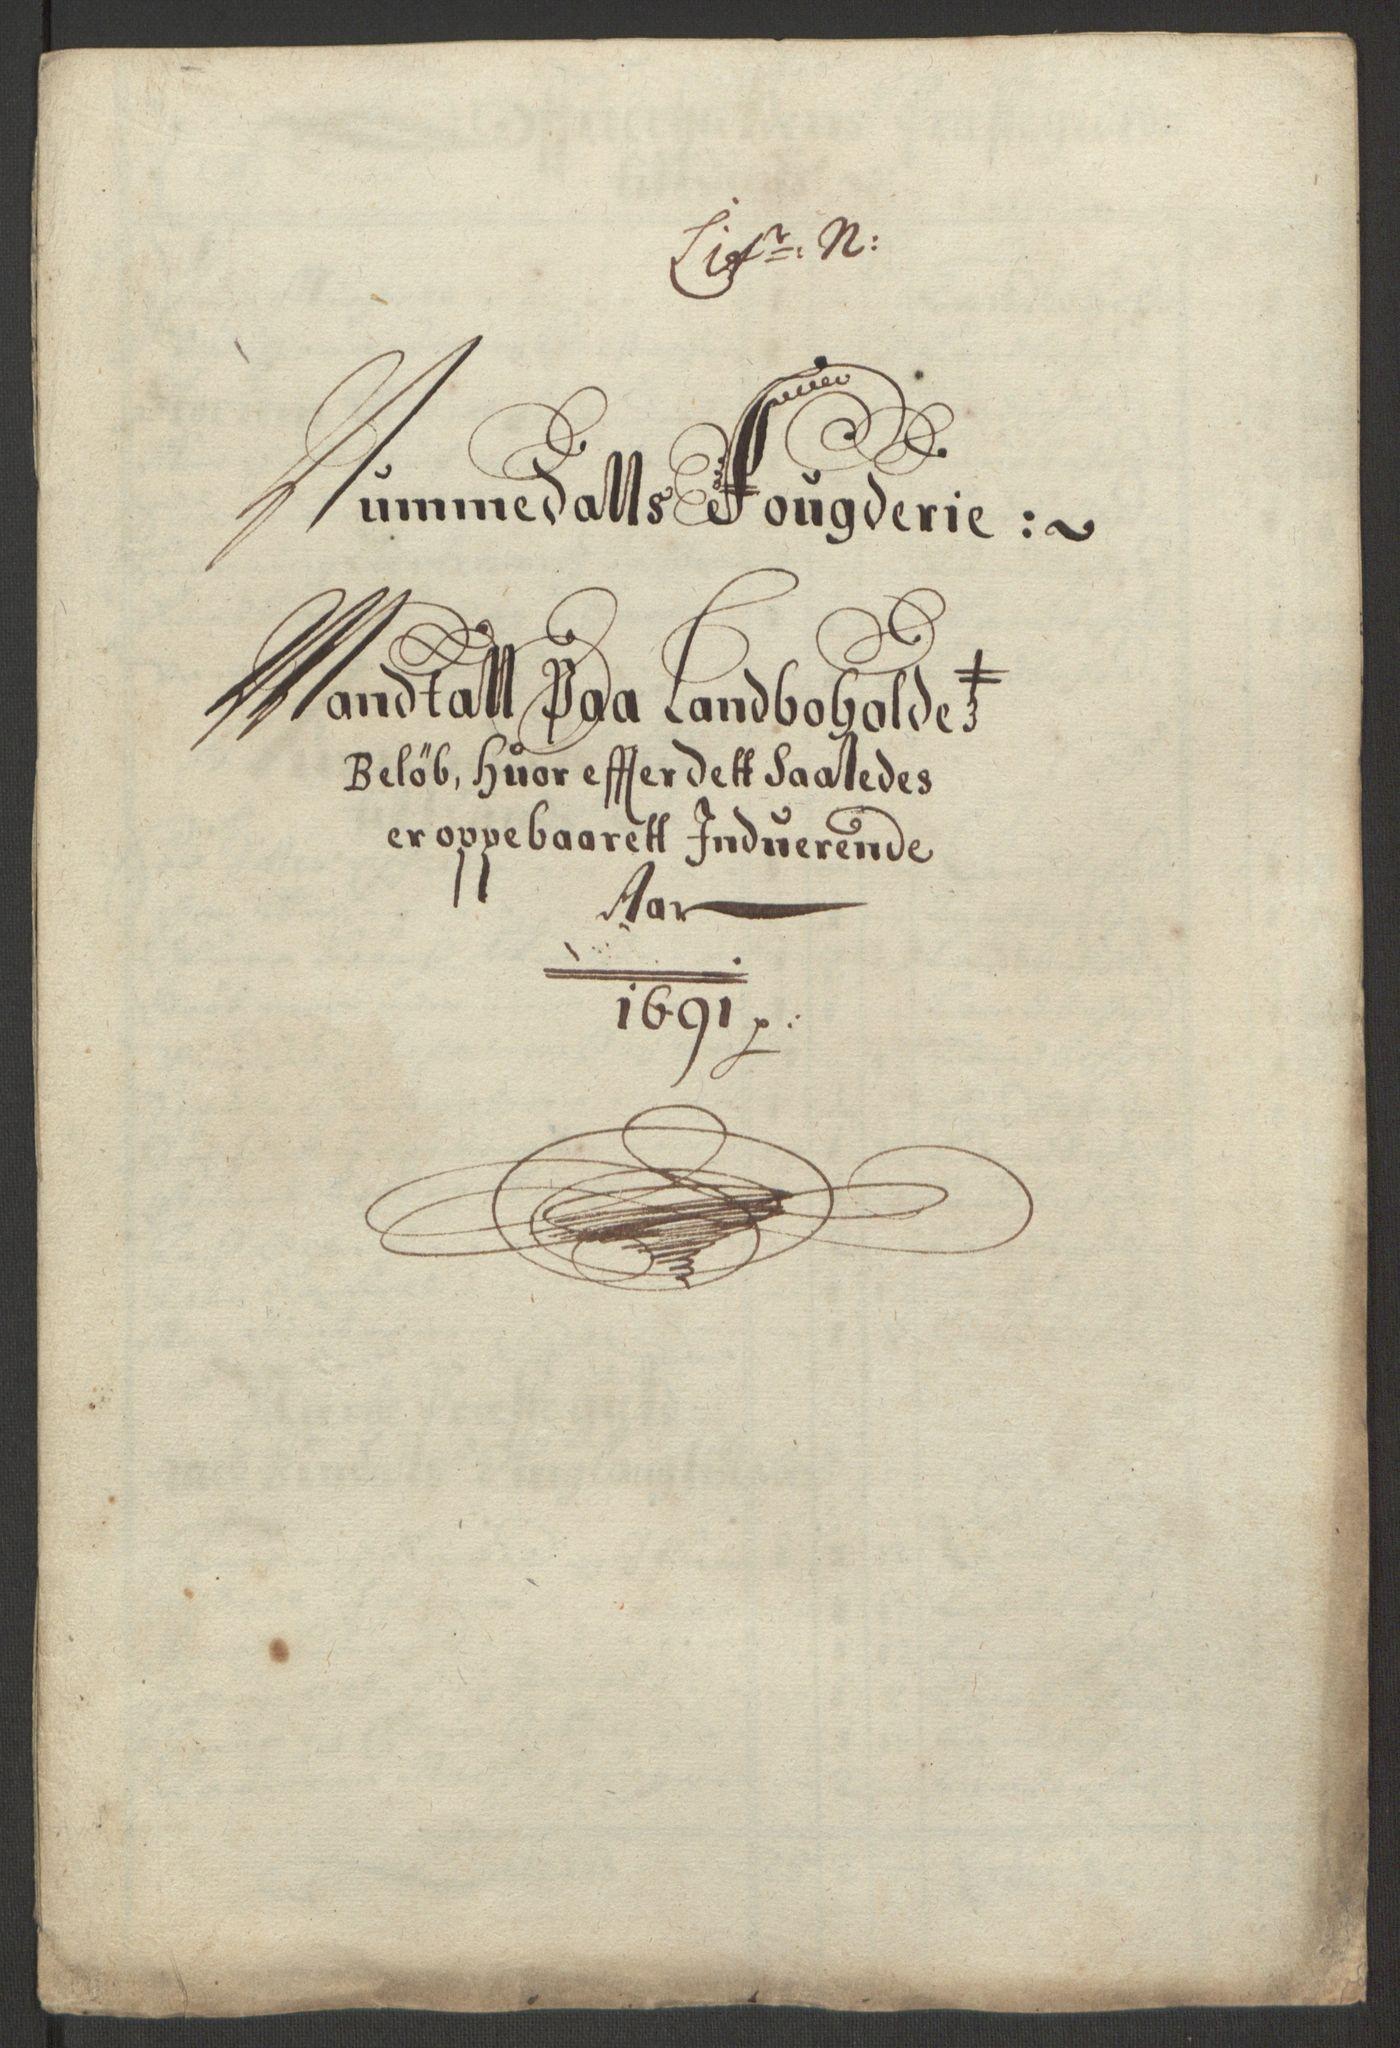 RA, Rentekammeret inntil 1814, Reviderte regnskaper, Fogderegnskap, R64/L4423: Fogderegnskap Namdal, 1690-1691, s. 291